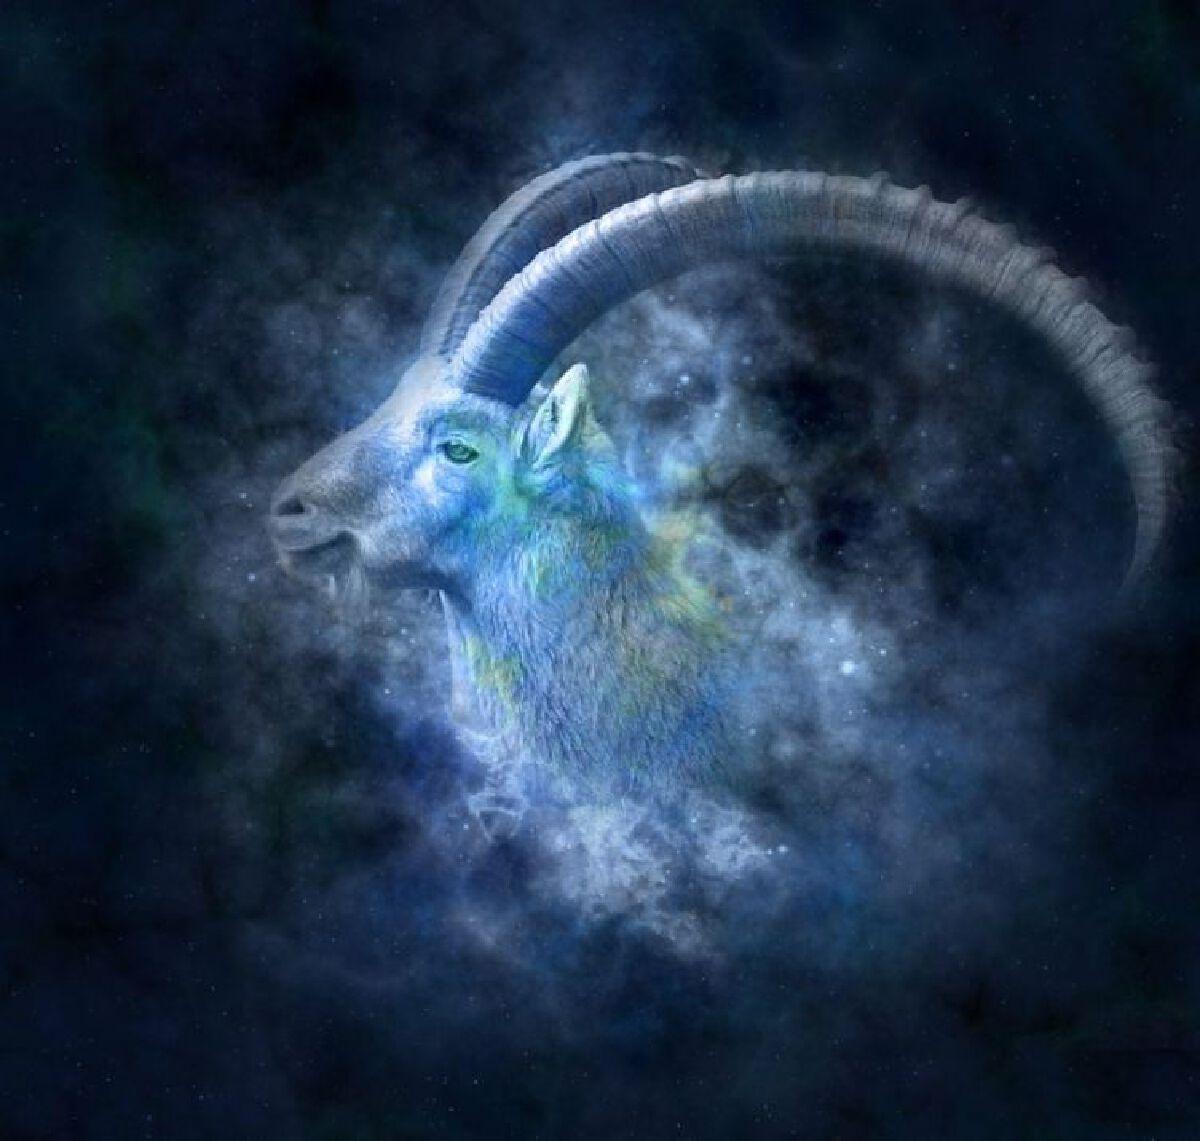 หมอช้าง ทศพร เผย 4 ราศี มรสุมชีวิตกำลังจะผ่านไปดวงชะตาจะสว่างสดใสขึ้น